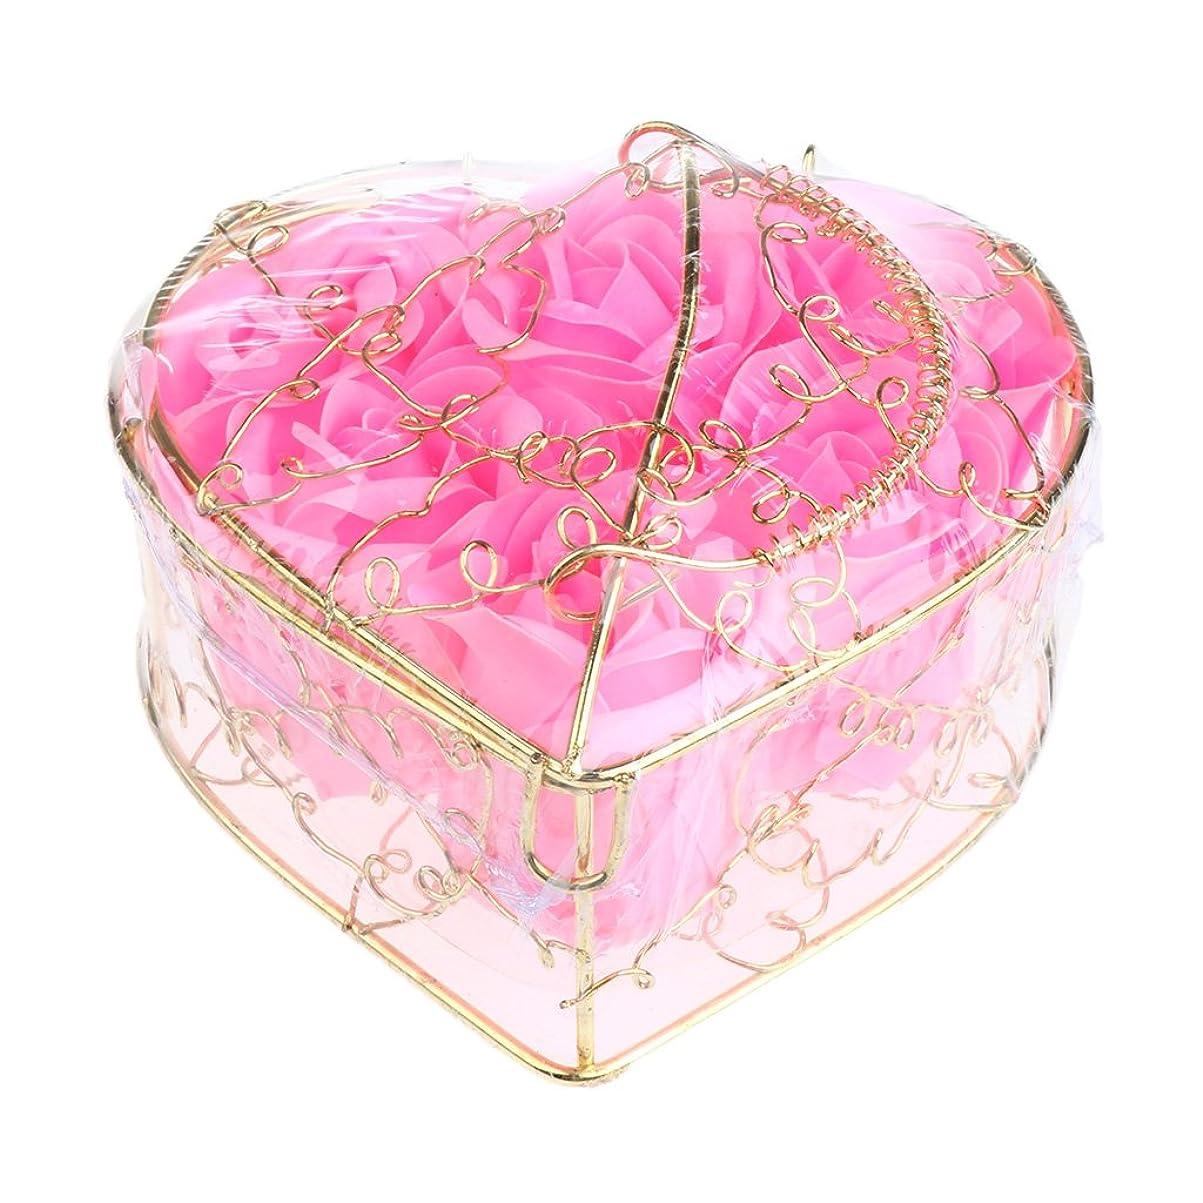 困惑する町マルコポーロKesoto 6個 石鹸の花 バラ 石鹸の花びら 母の日 ギフトボックス ロマンチック 全5タイプ選べる - ピンク